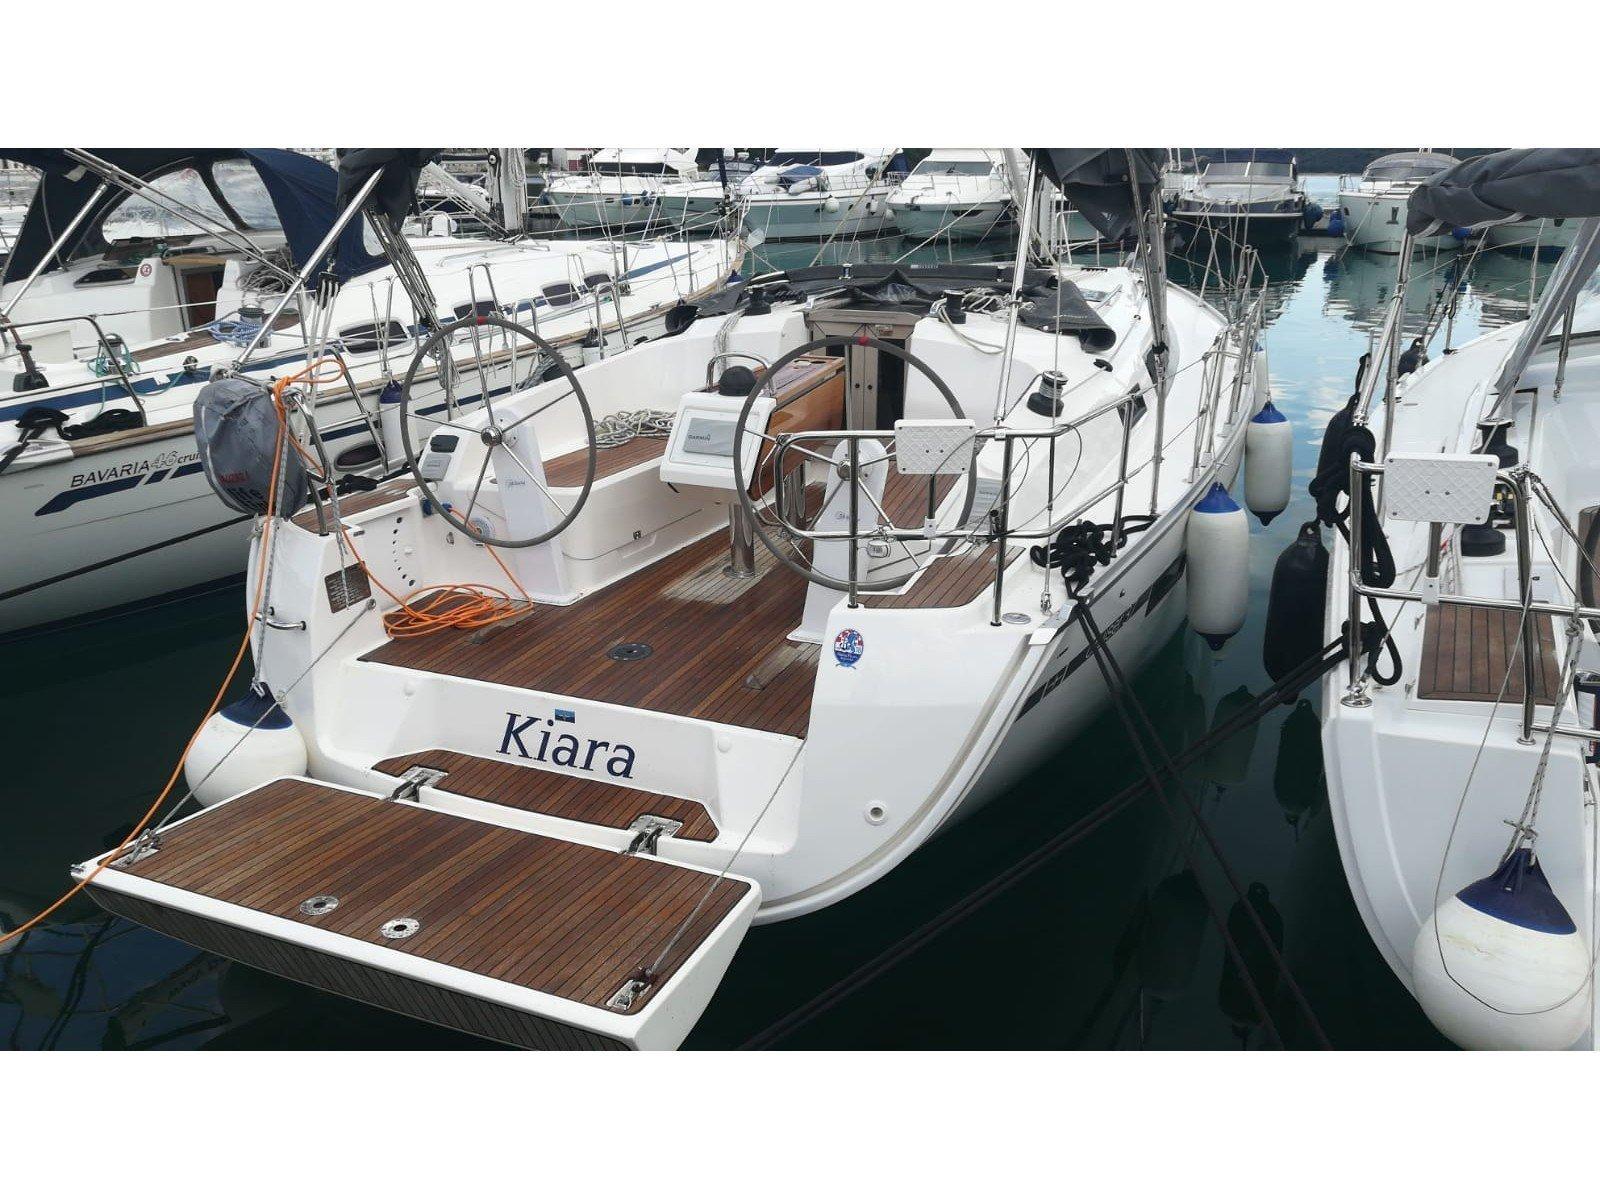 Bavaria Cruiser 37 (KIARA) Main image - 0